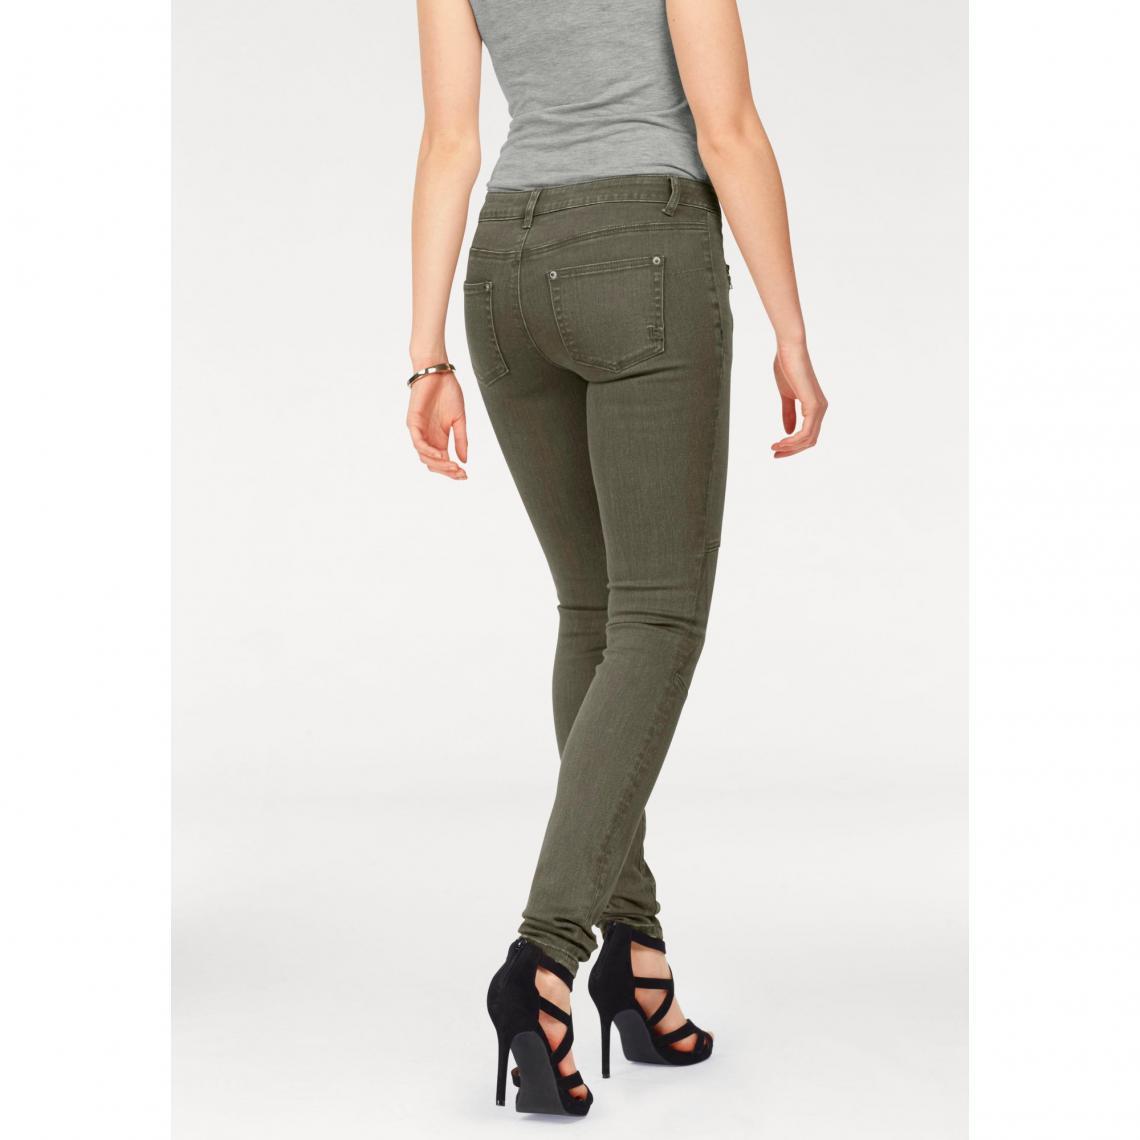 Pantalons slim femme Laura Scott Cliquez l image pour l agrandir. Pantalon  slim zippé avec empiècements ... 893118b96f70